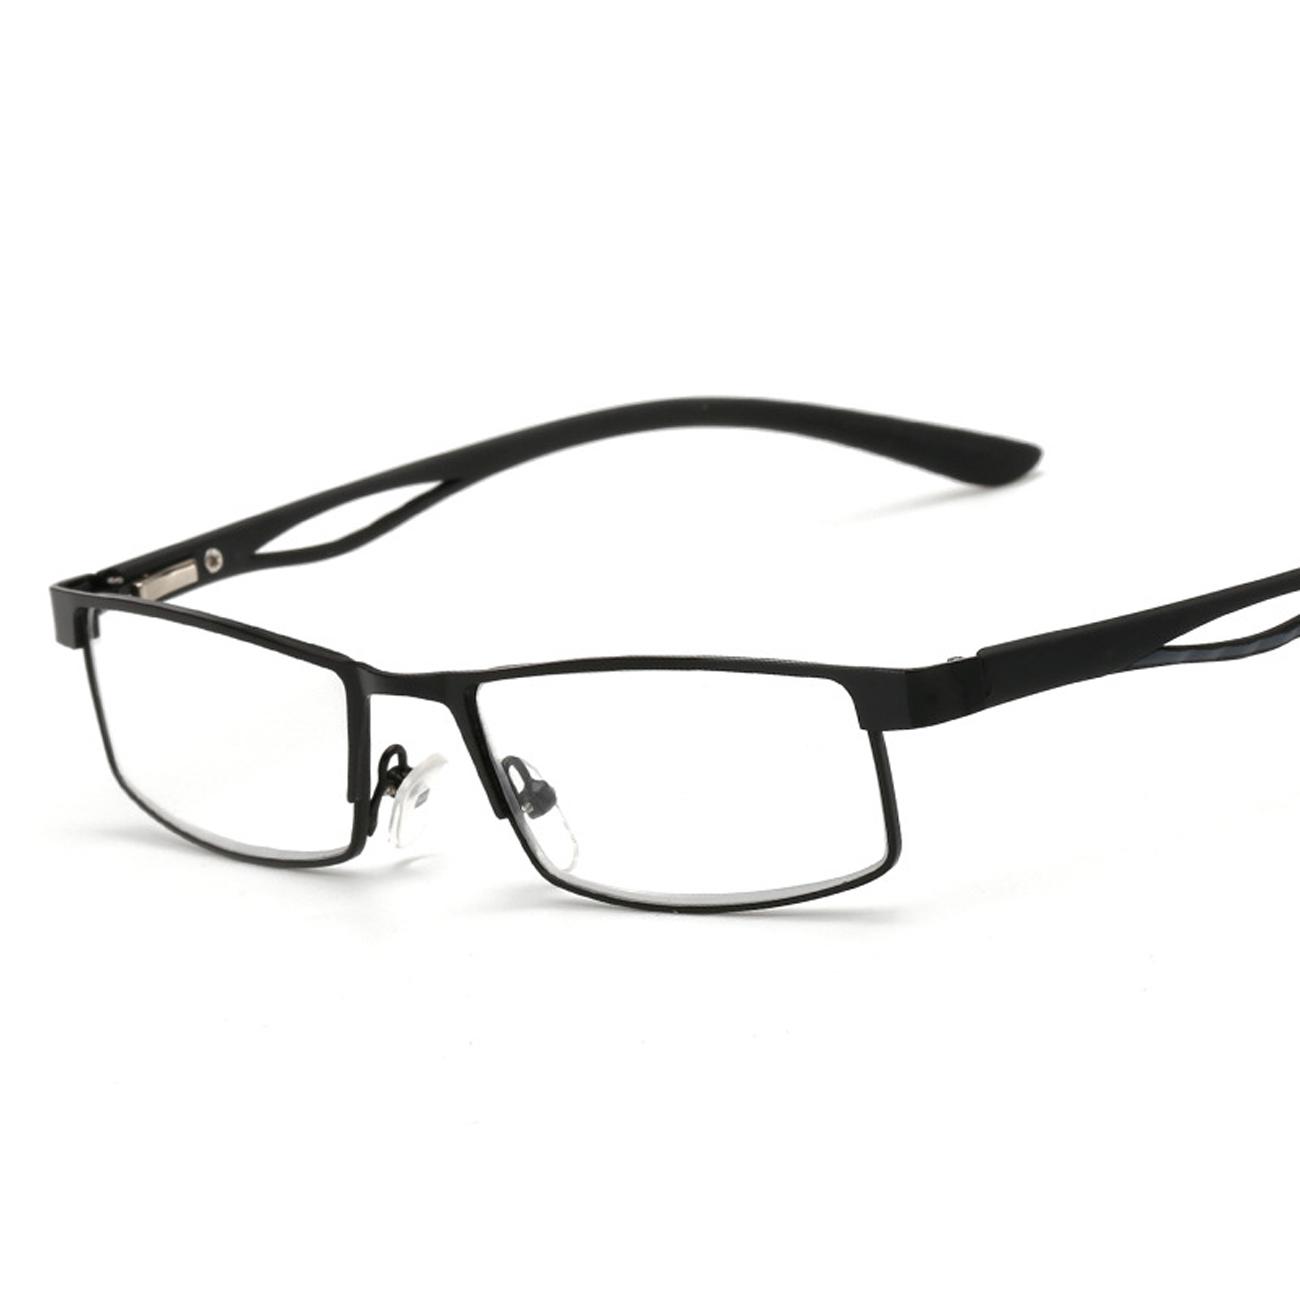 ESquare Old man reading glasses Metal full frame Glasses intensity ...